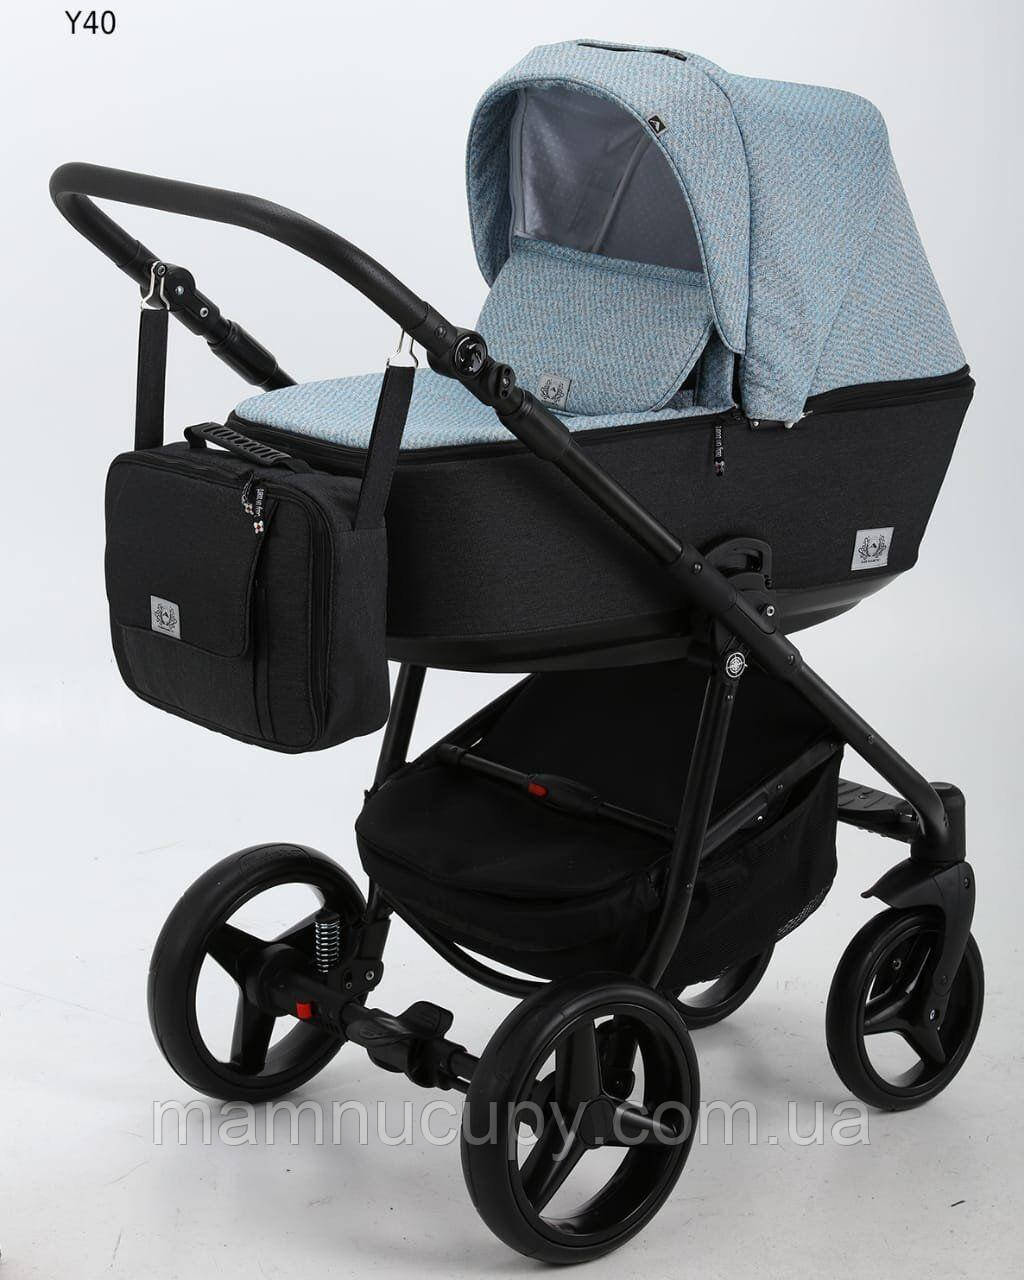 Детская универсальная коляска 2 в 1 Adamex Reggio Y40 (адамекс реджио)